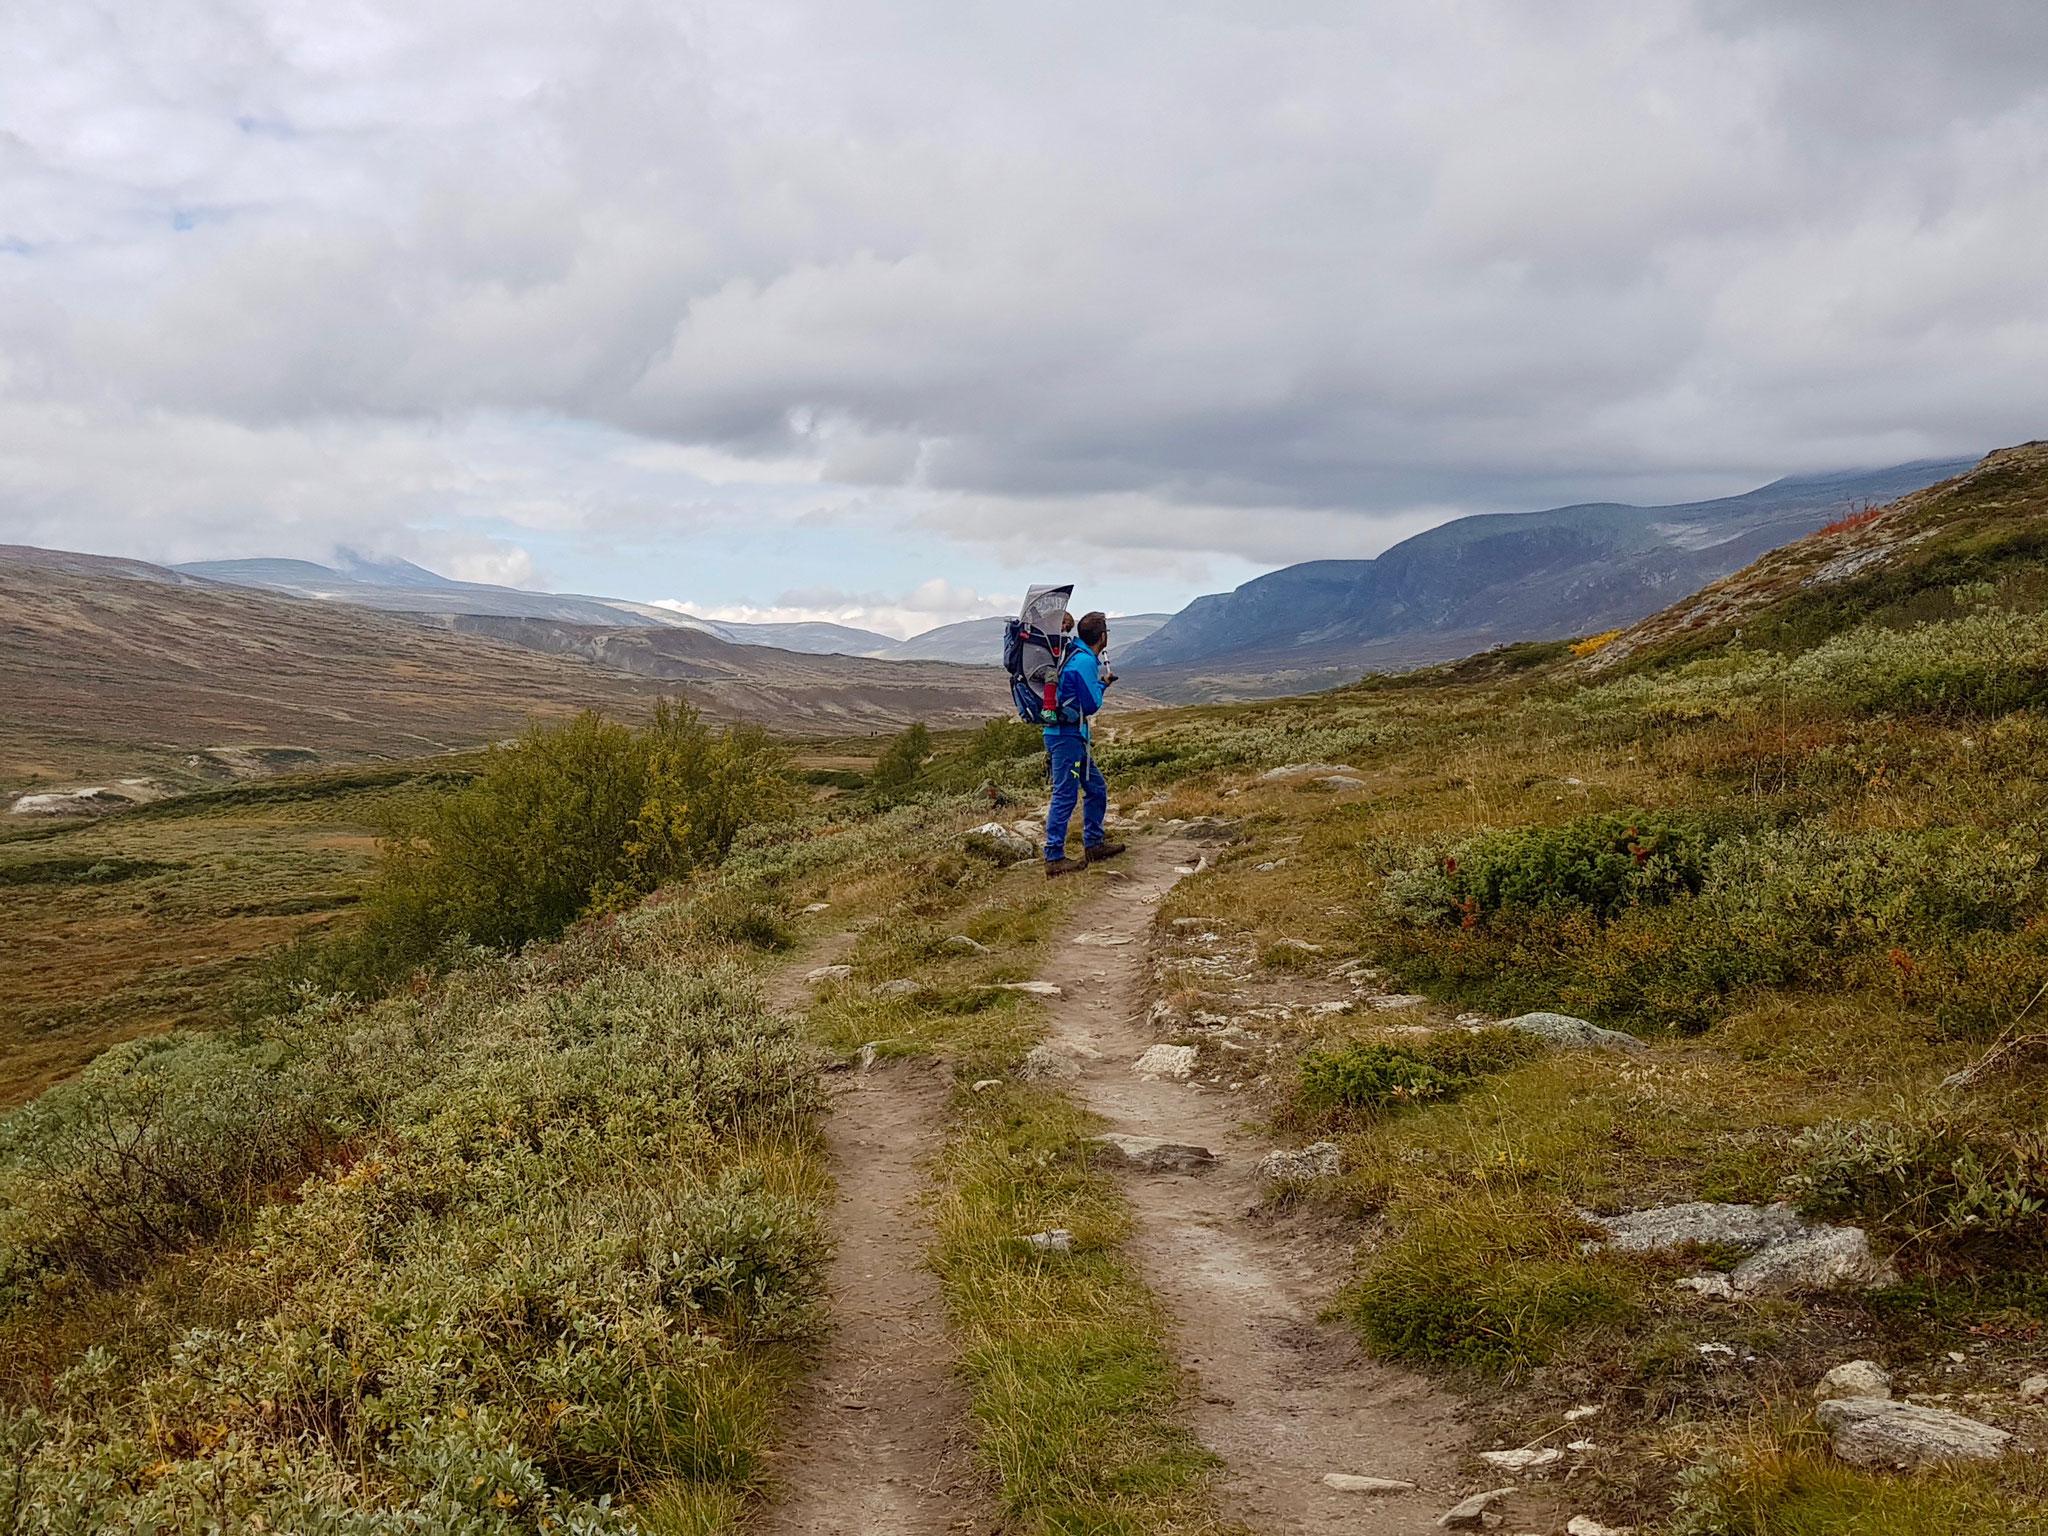 Auf dem  Plateau angekommen wanderten wir in Richtung DNT Reinheimen weiter.